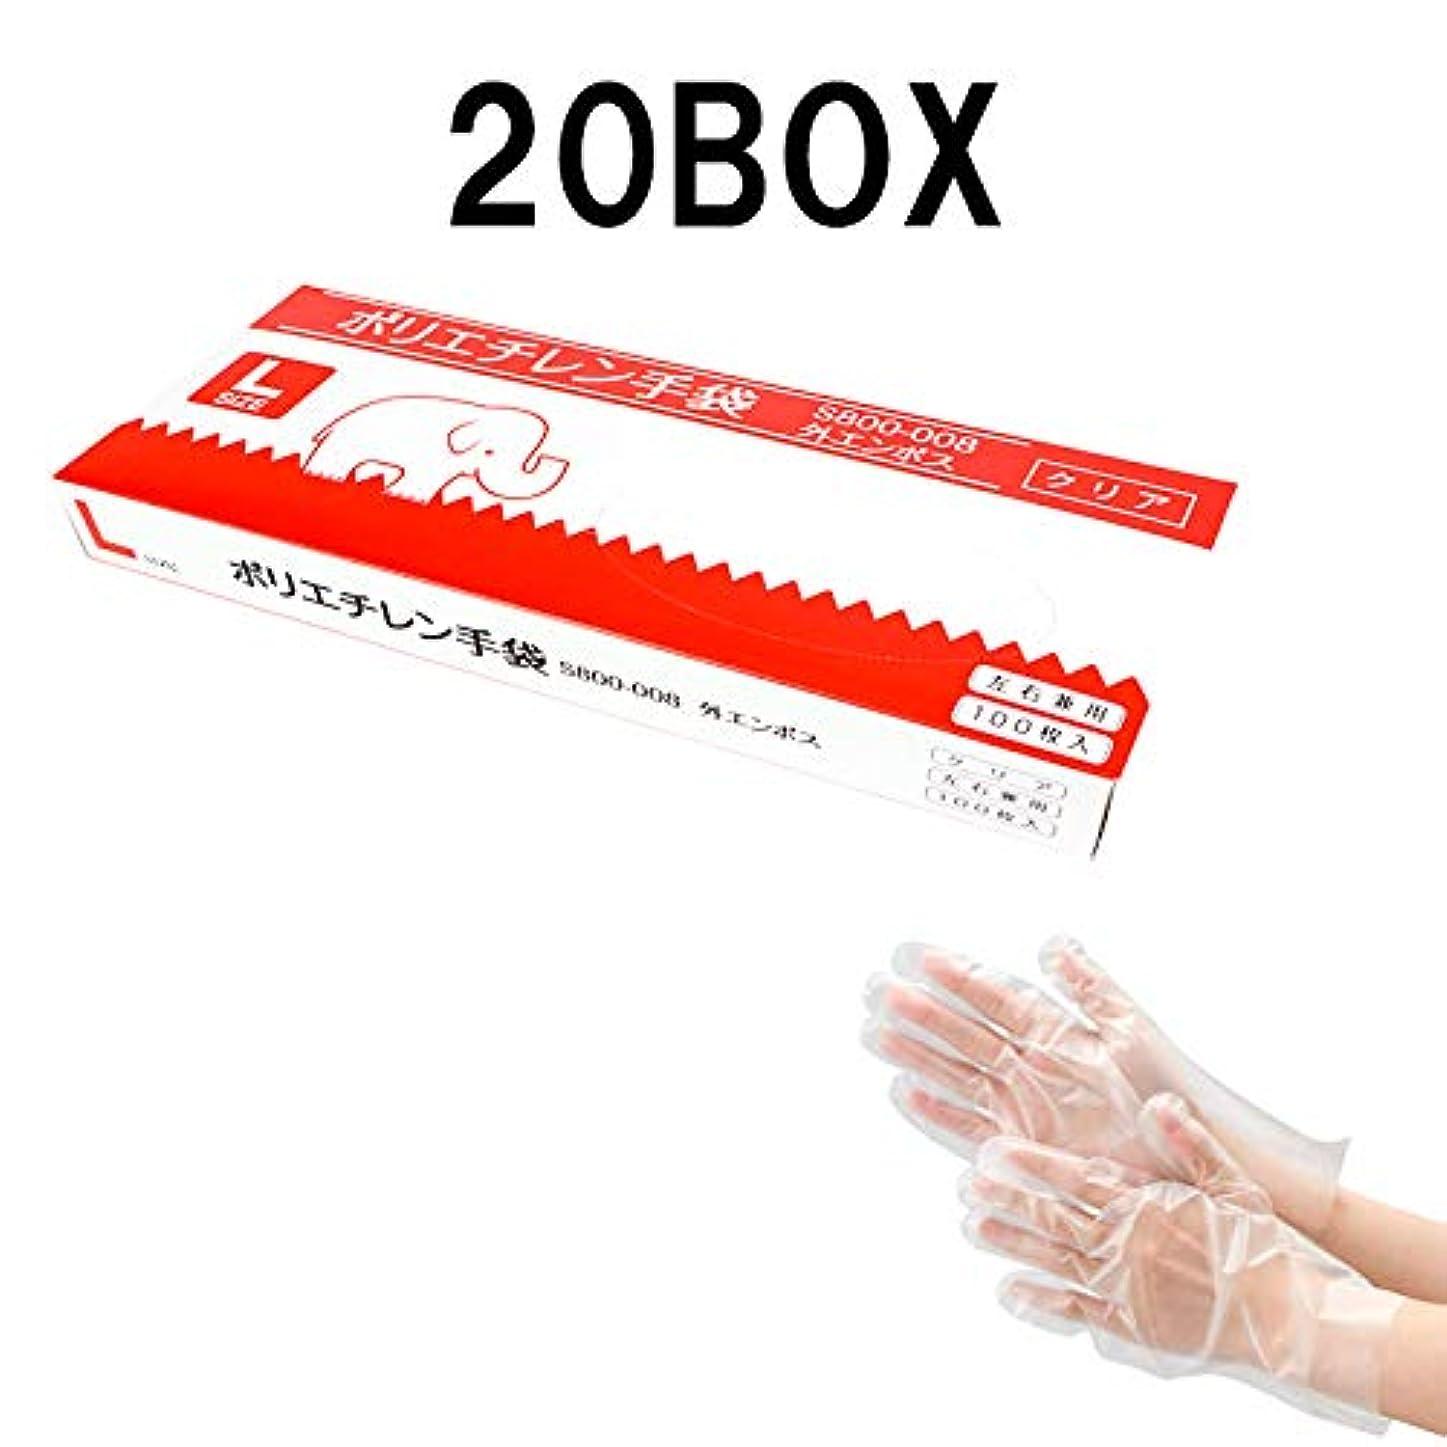 変位サスティーンお祝い(2000枚) 使い捨て ポリエチレン手袋 Lサイズ 100枚入り×20BOX クリア色 左右兼用 外エンボス 食品衛生法適合品